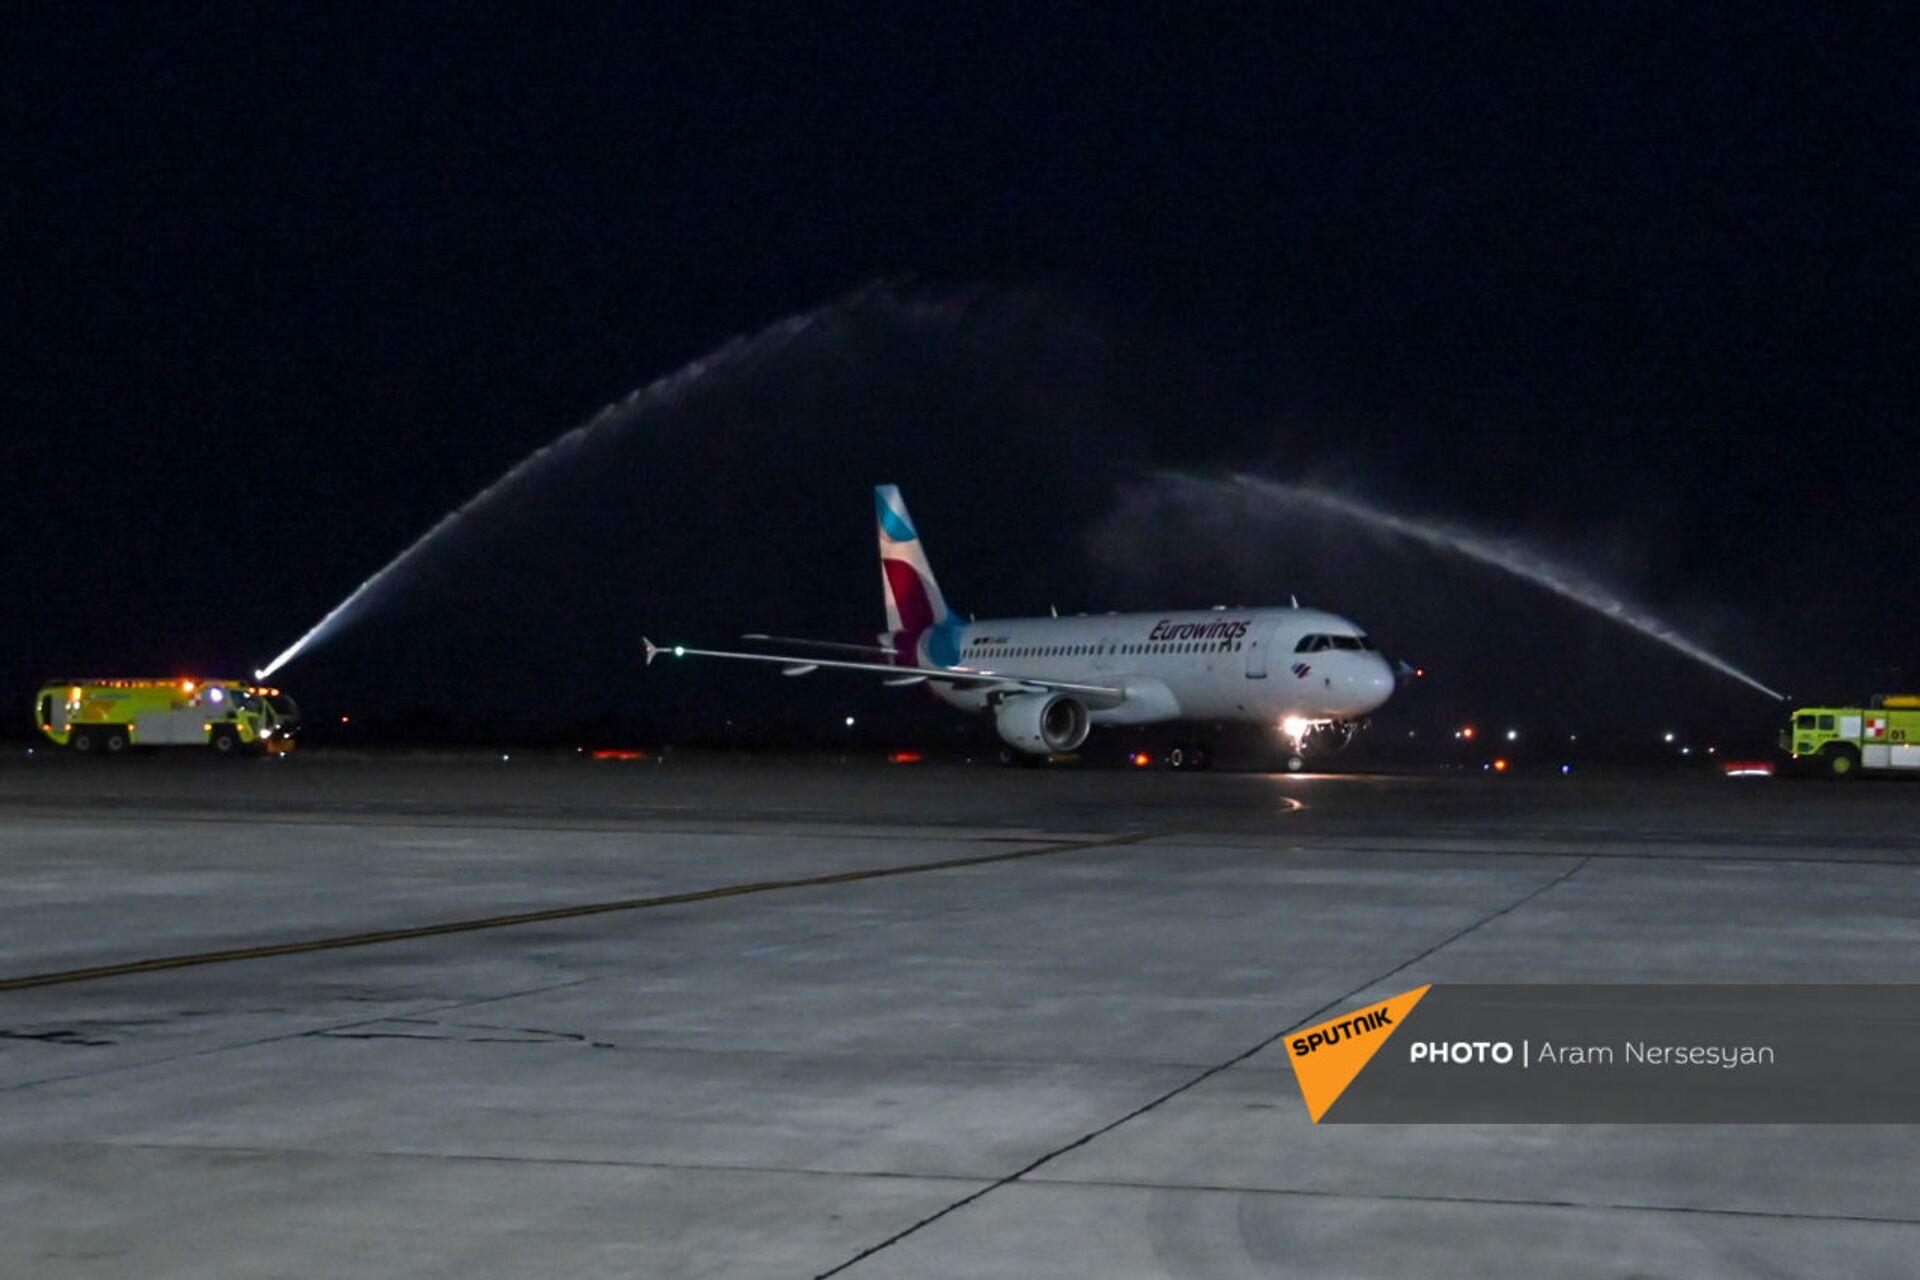 Лоукостер Eurowings запустил полеты из Кельна в Ереван - Sputnik Արմենիա, 1920, 14.09.2021